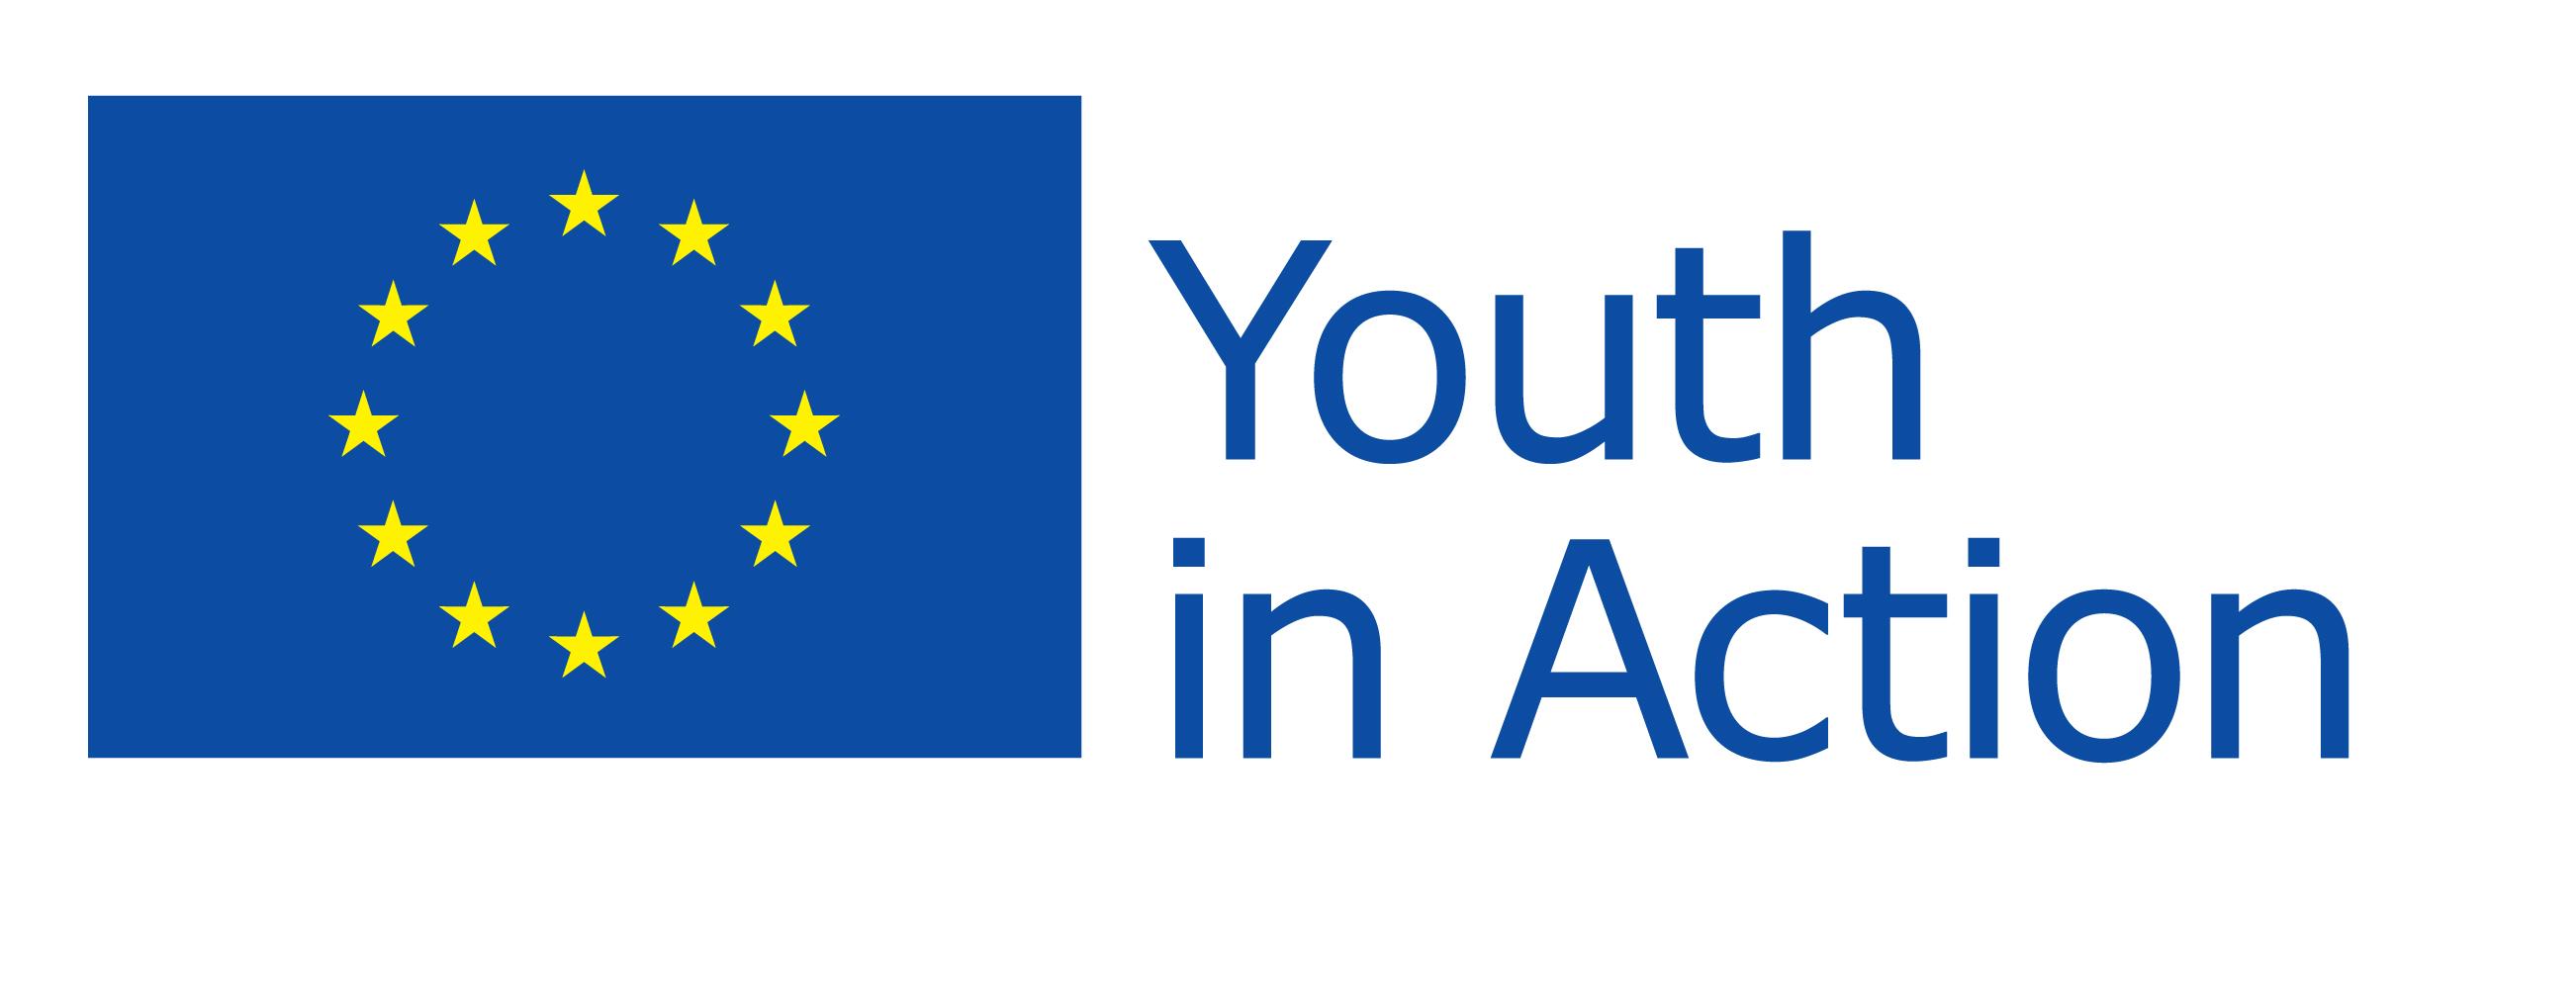 Resultado de imagen de Youth in Action